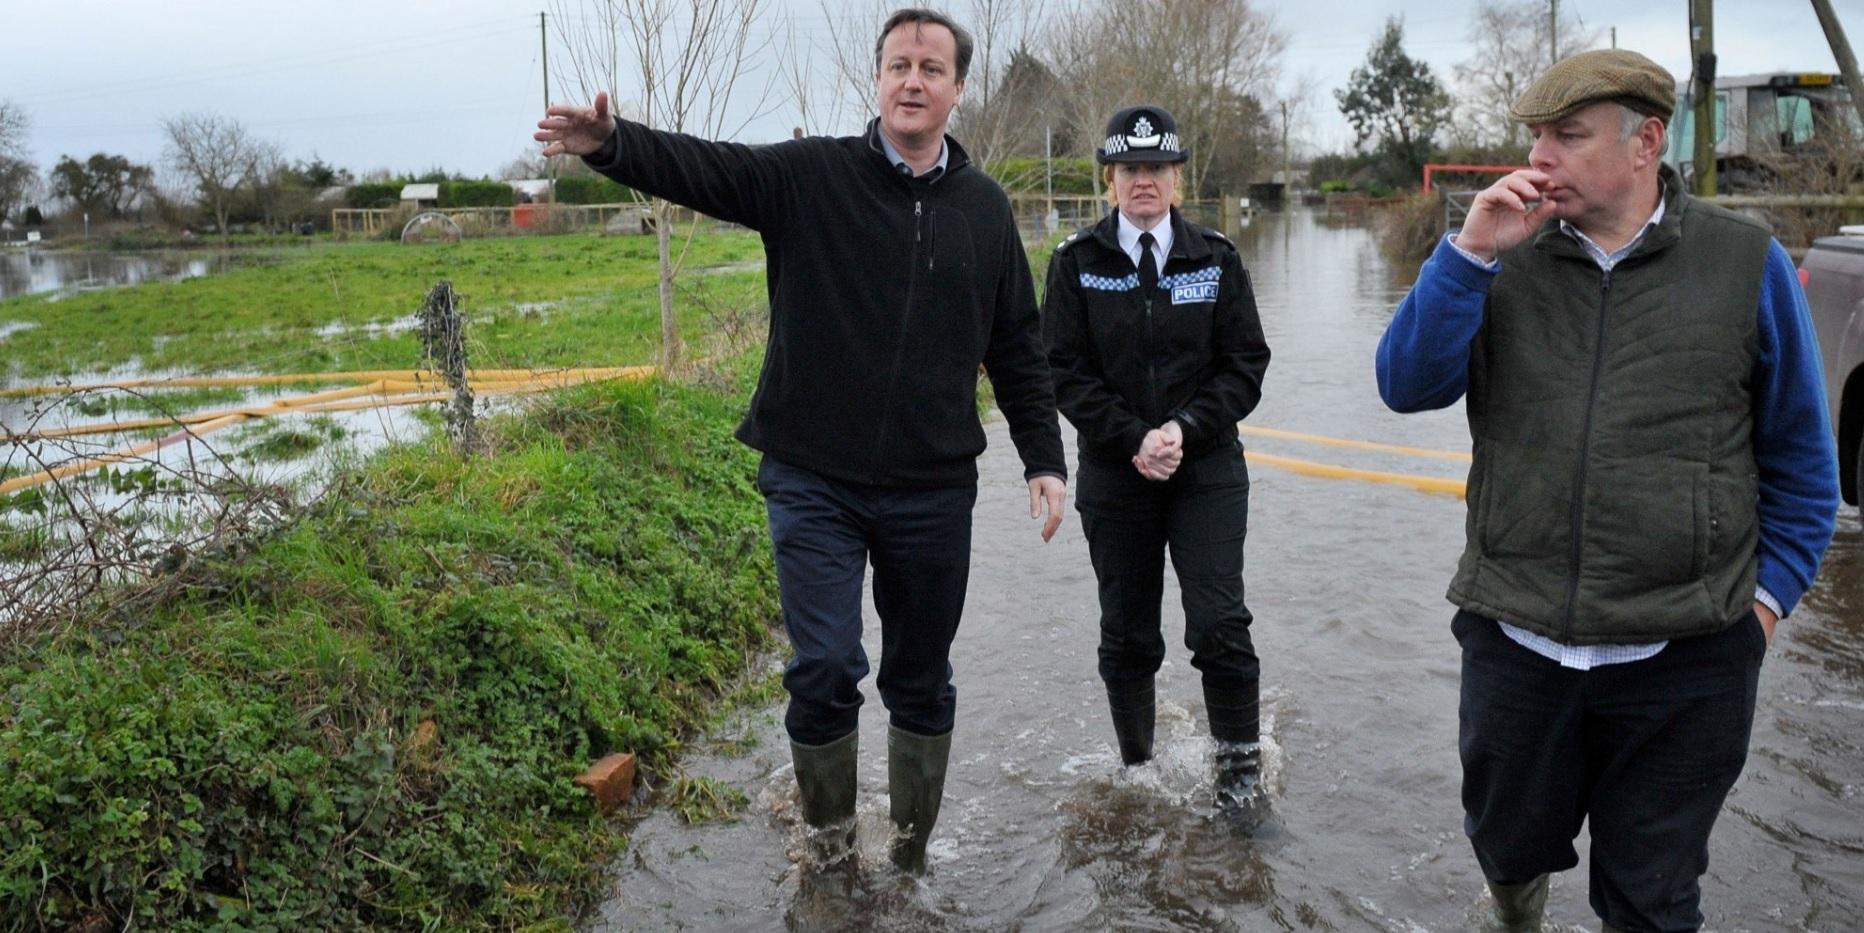 Election 2015 - Flood Risk and Flood Defence Spending